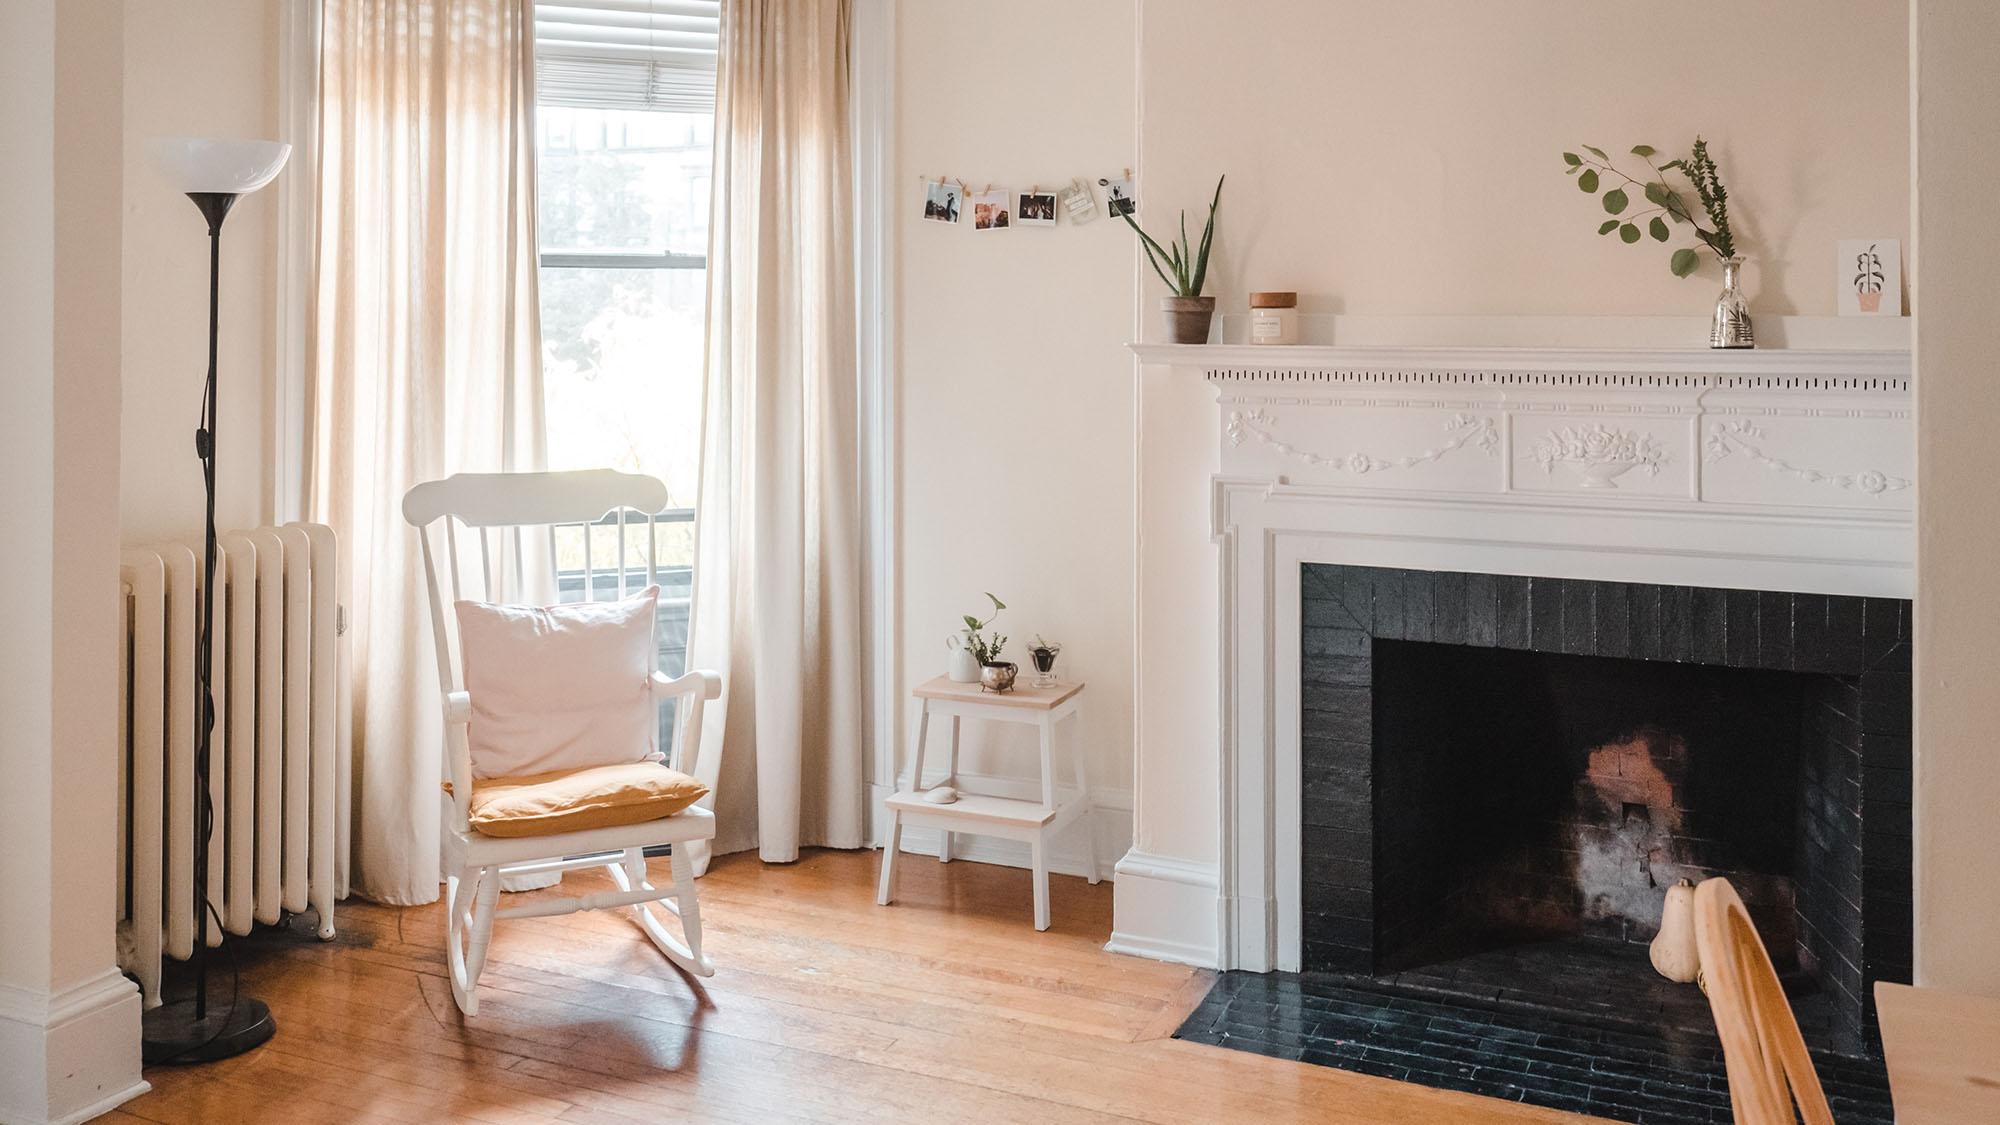 Comment Décorer Son Appartement Pas Cher comment aménager son logement de manière minimaliste